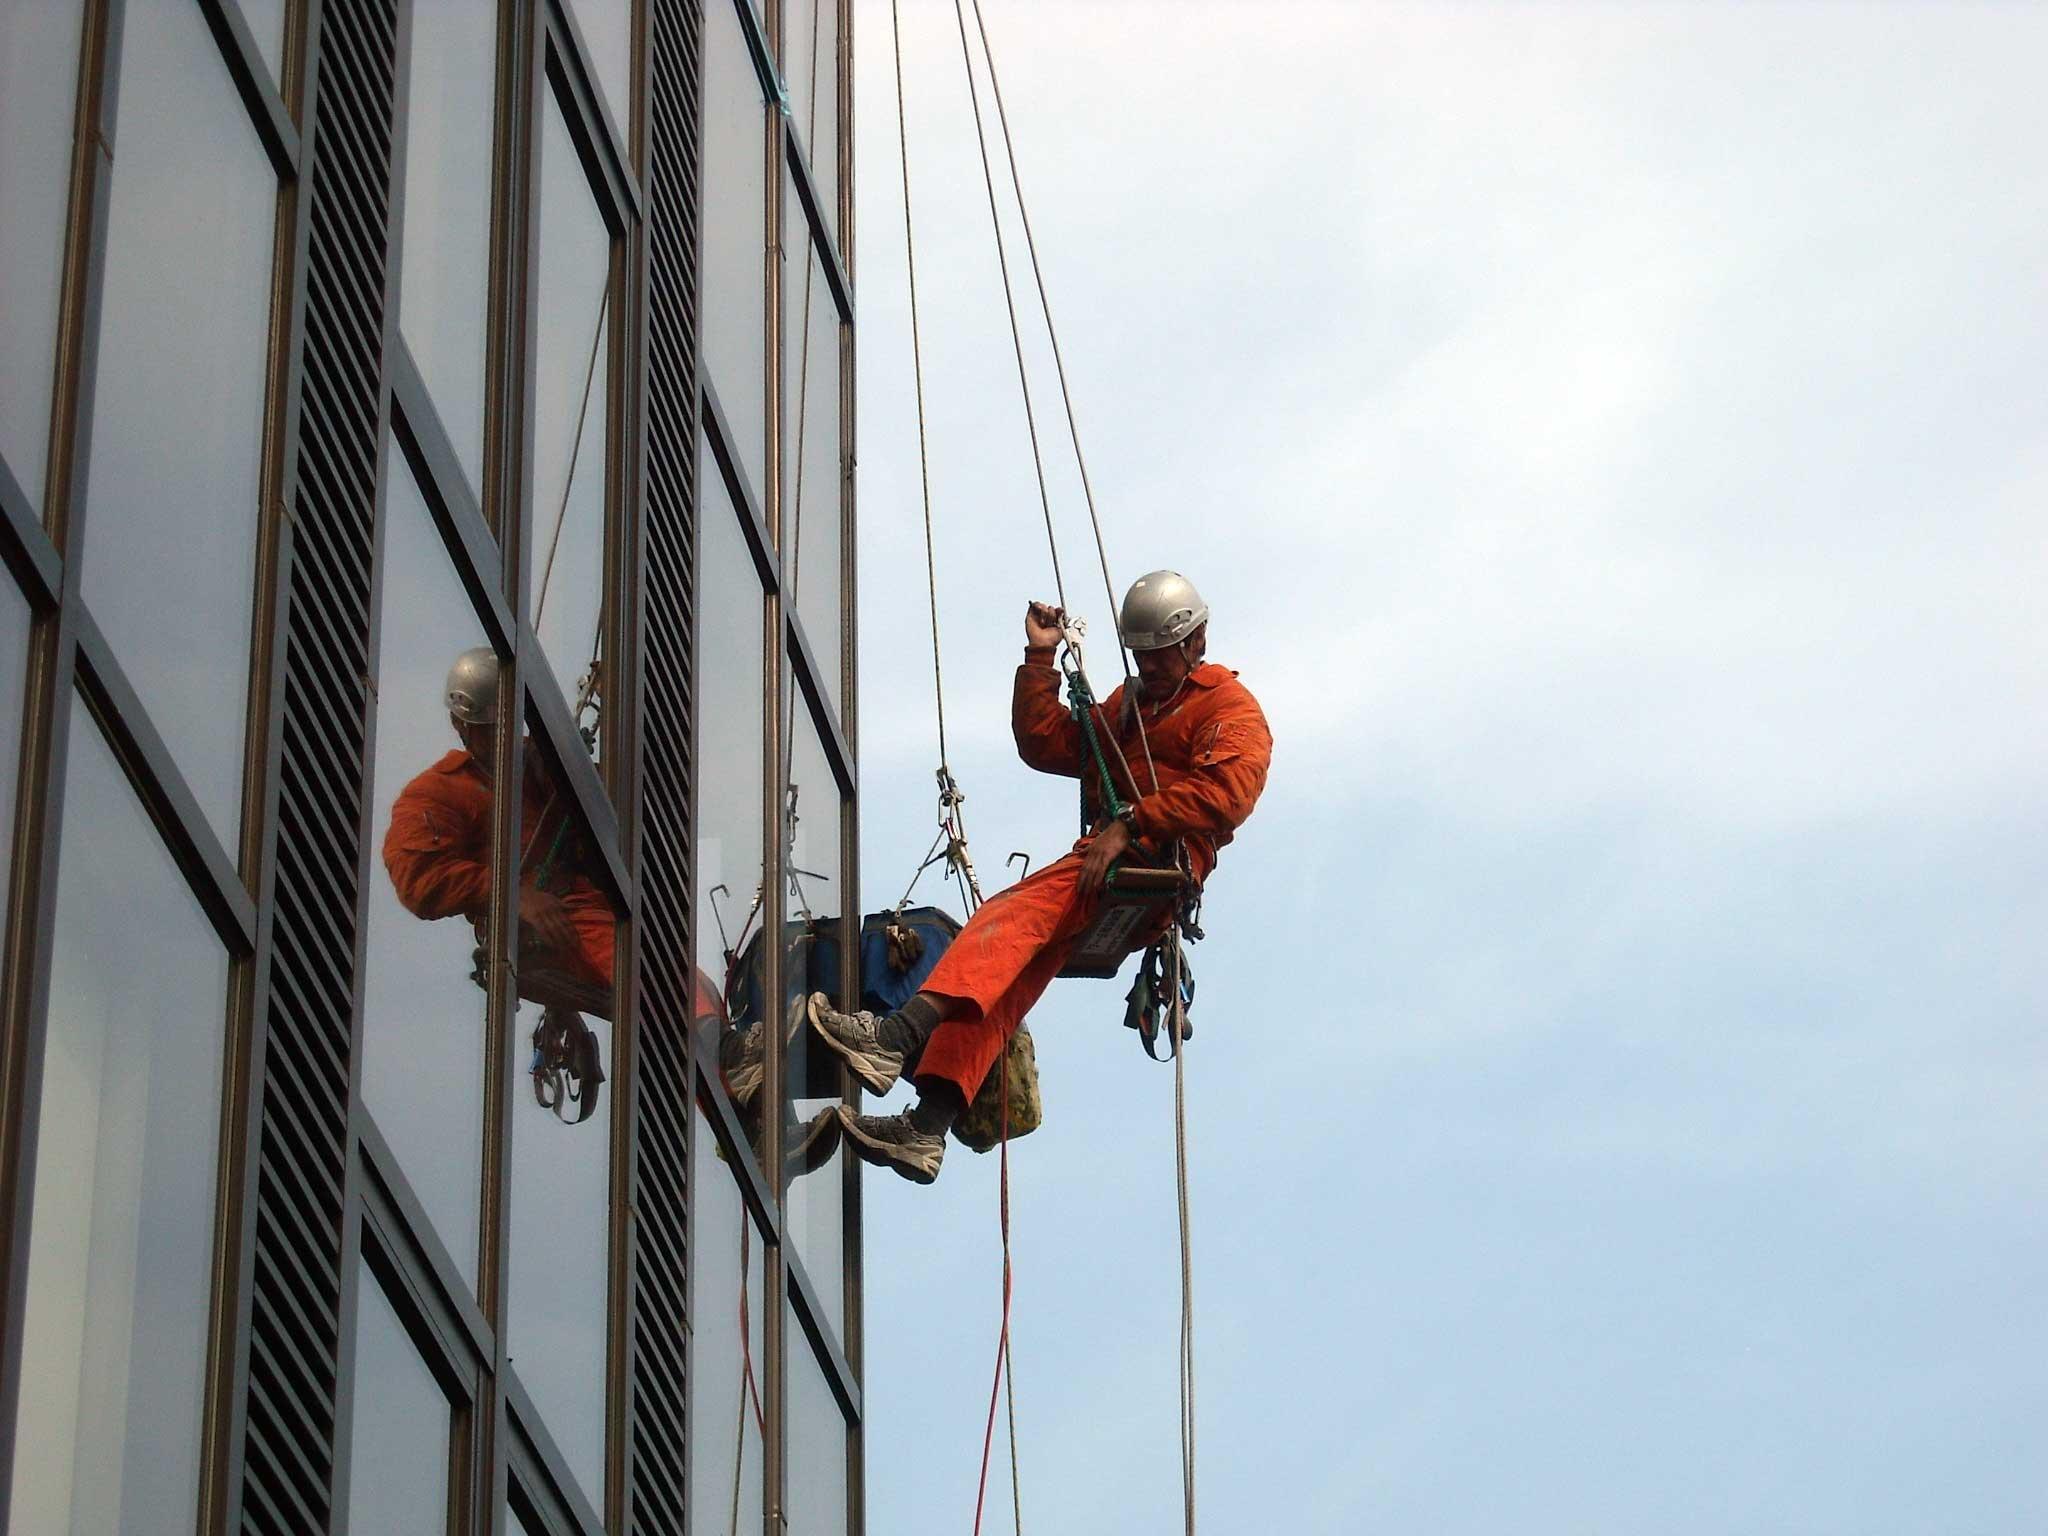 ロープアクセス技術を使った建物外壁の工事や調査【高所作業チーム】